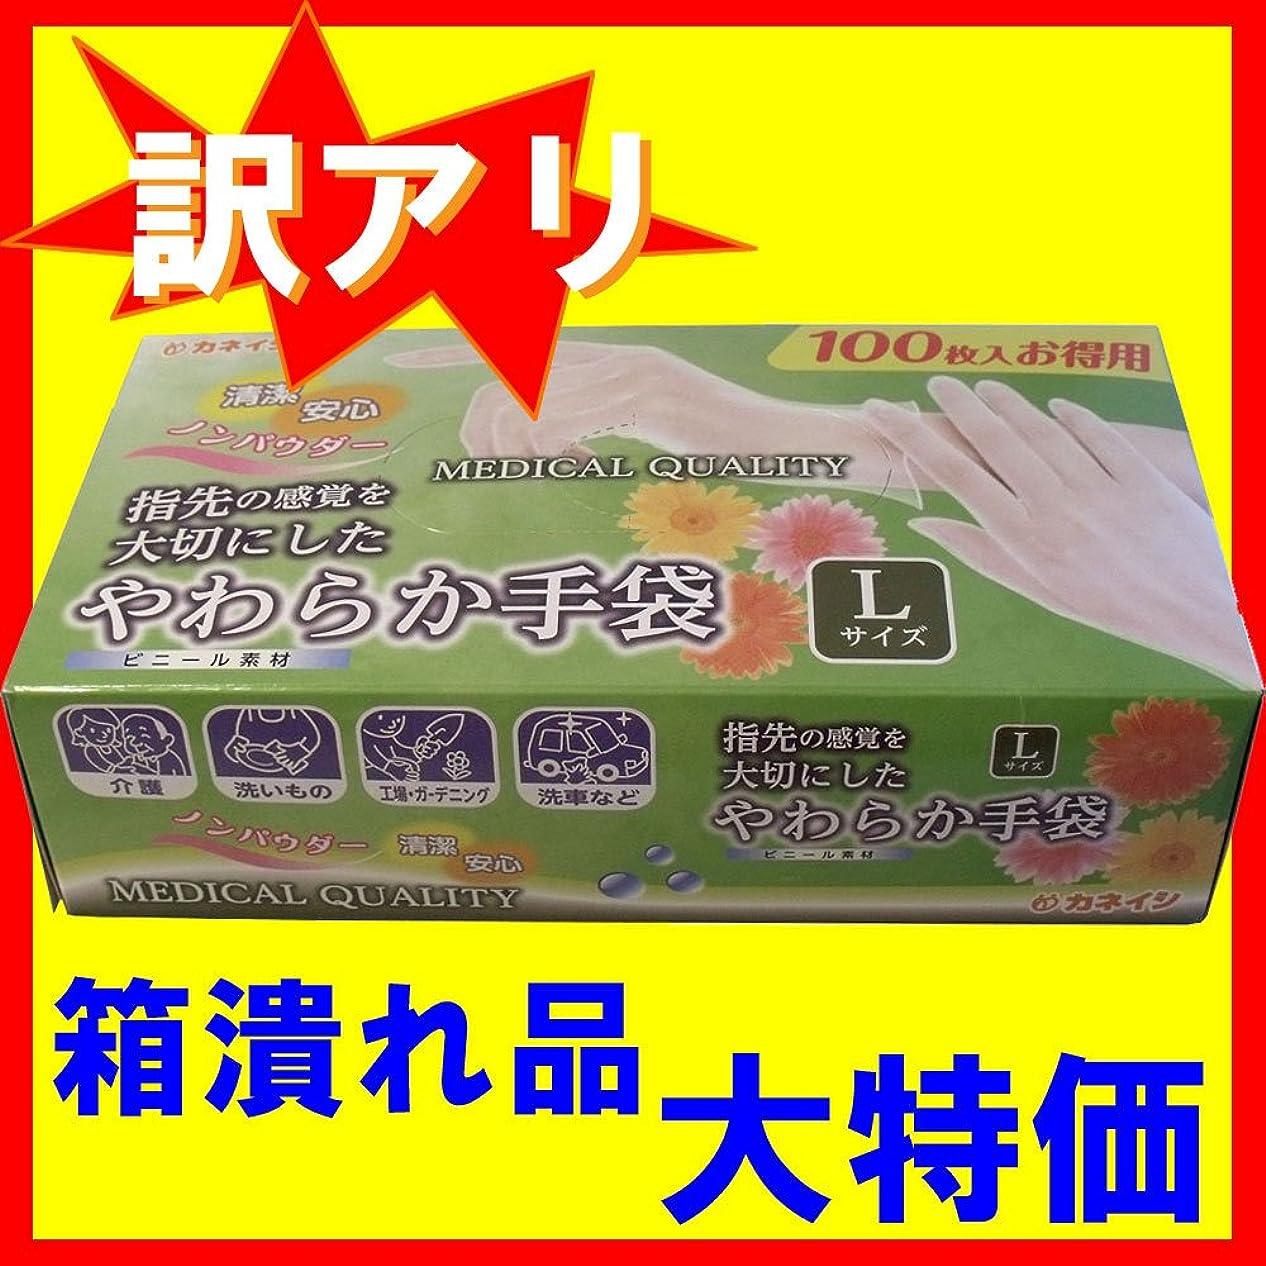 タヒチ航空喜劇【訳アリ】 金石衛材 やわらか手袋 Lサイズ 100枚入